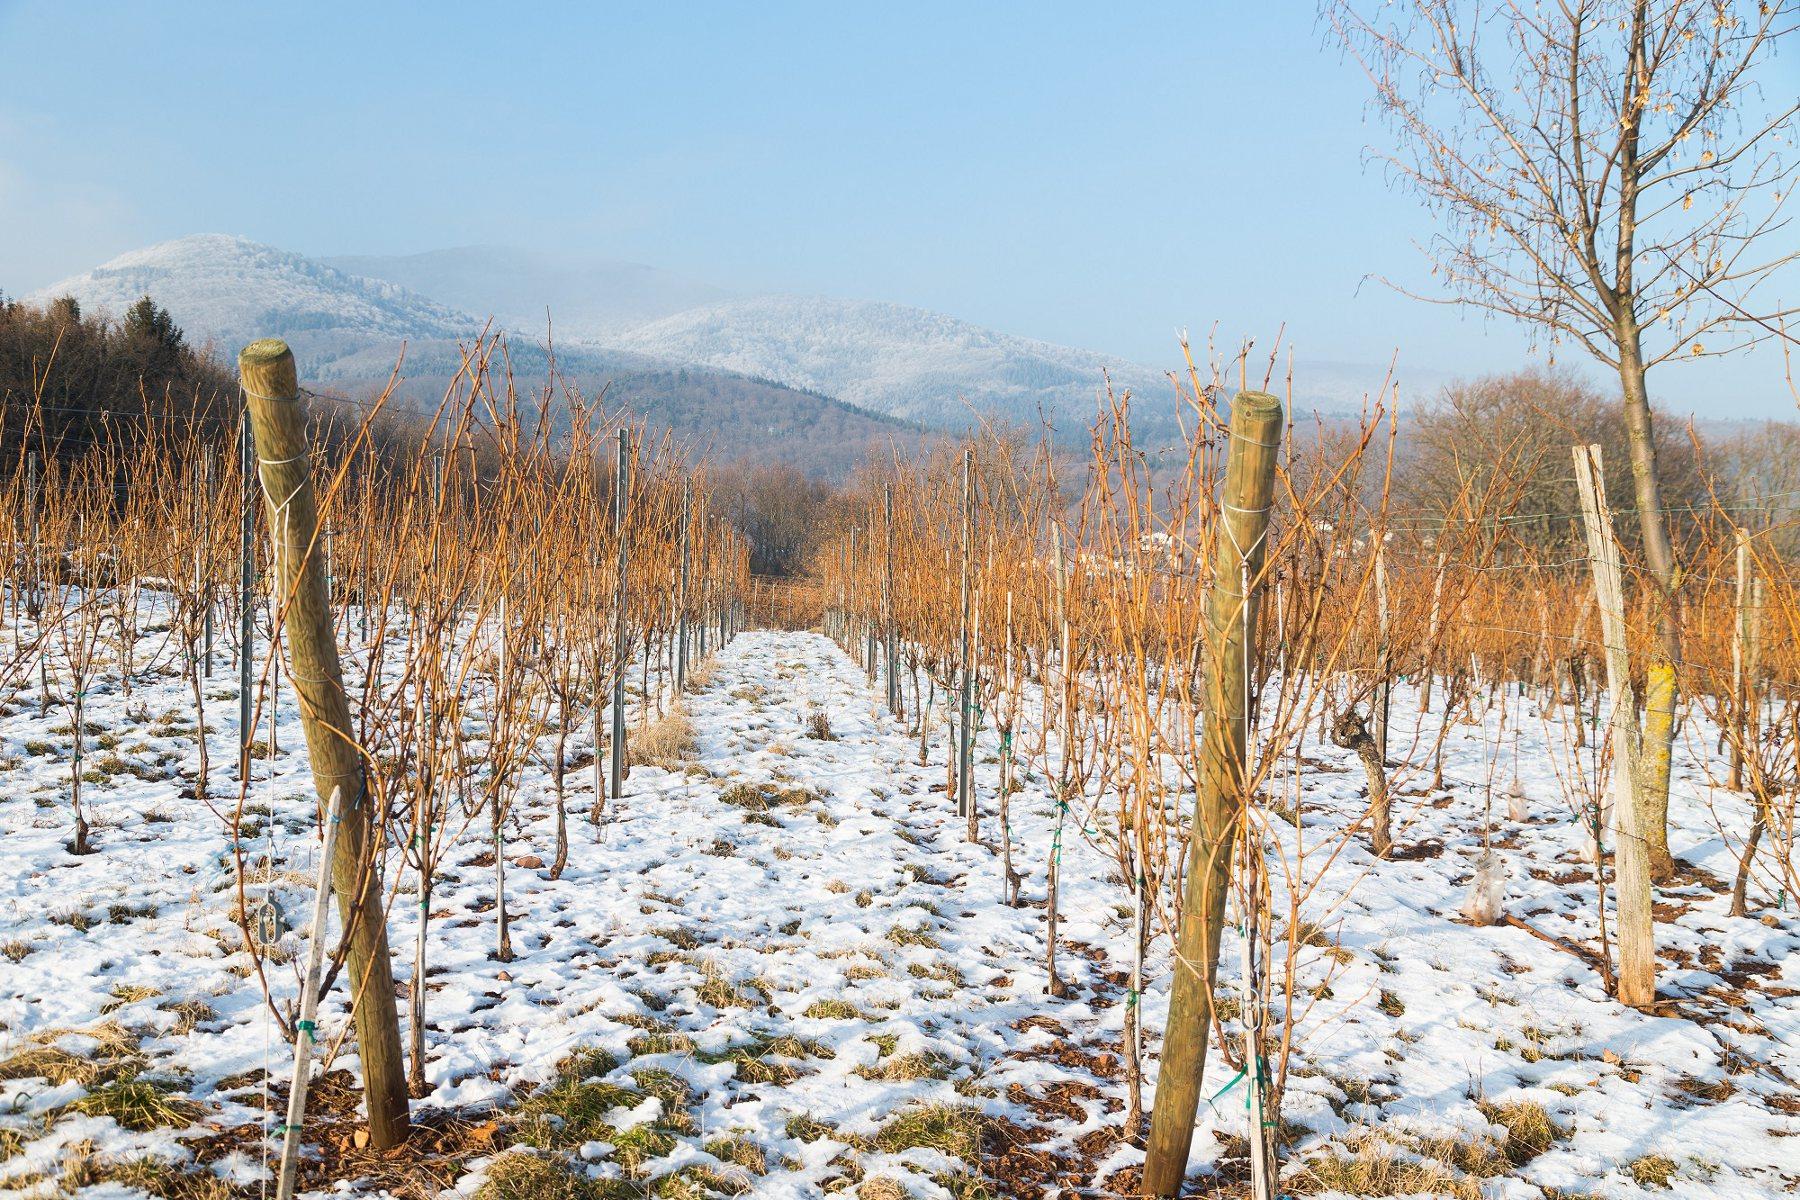 Le sentier viticole c te 425 steinbach - Office de tourisme de cernay ...